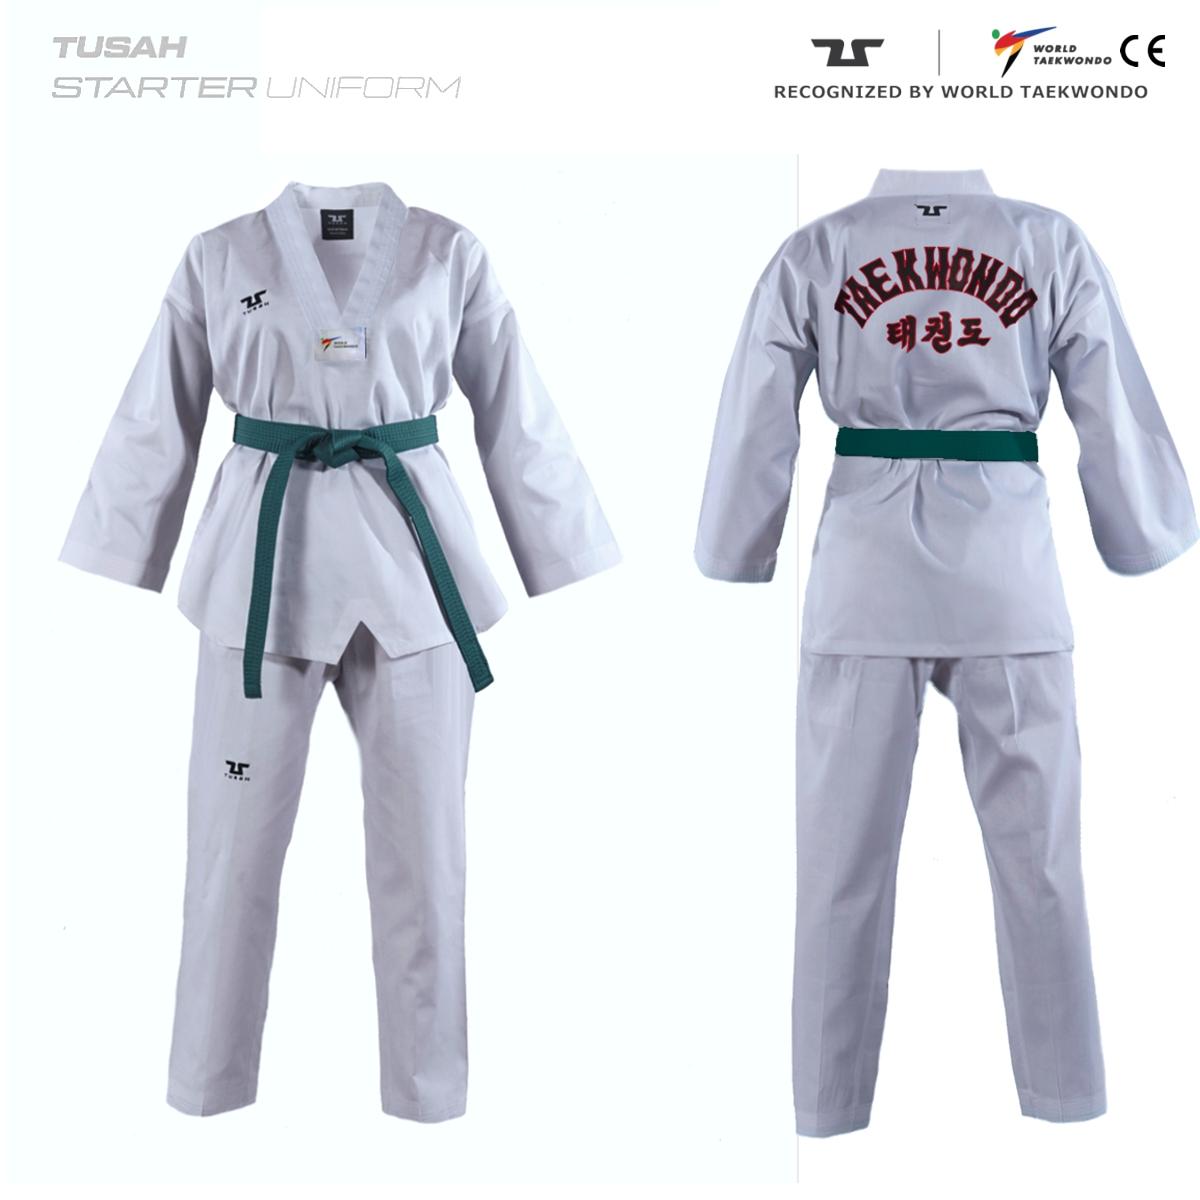 Adults World Taekwondo Embroidered Back Tusah Taekwondo Range Uniform